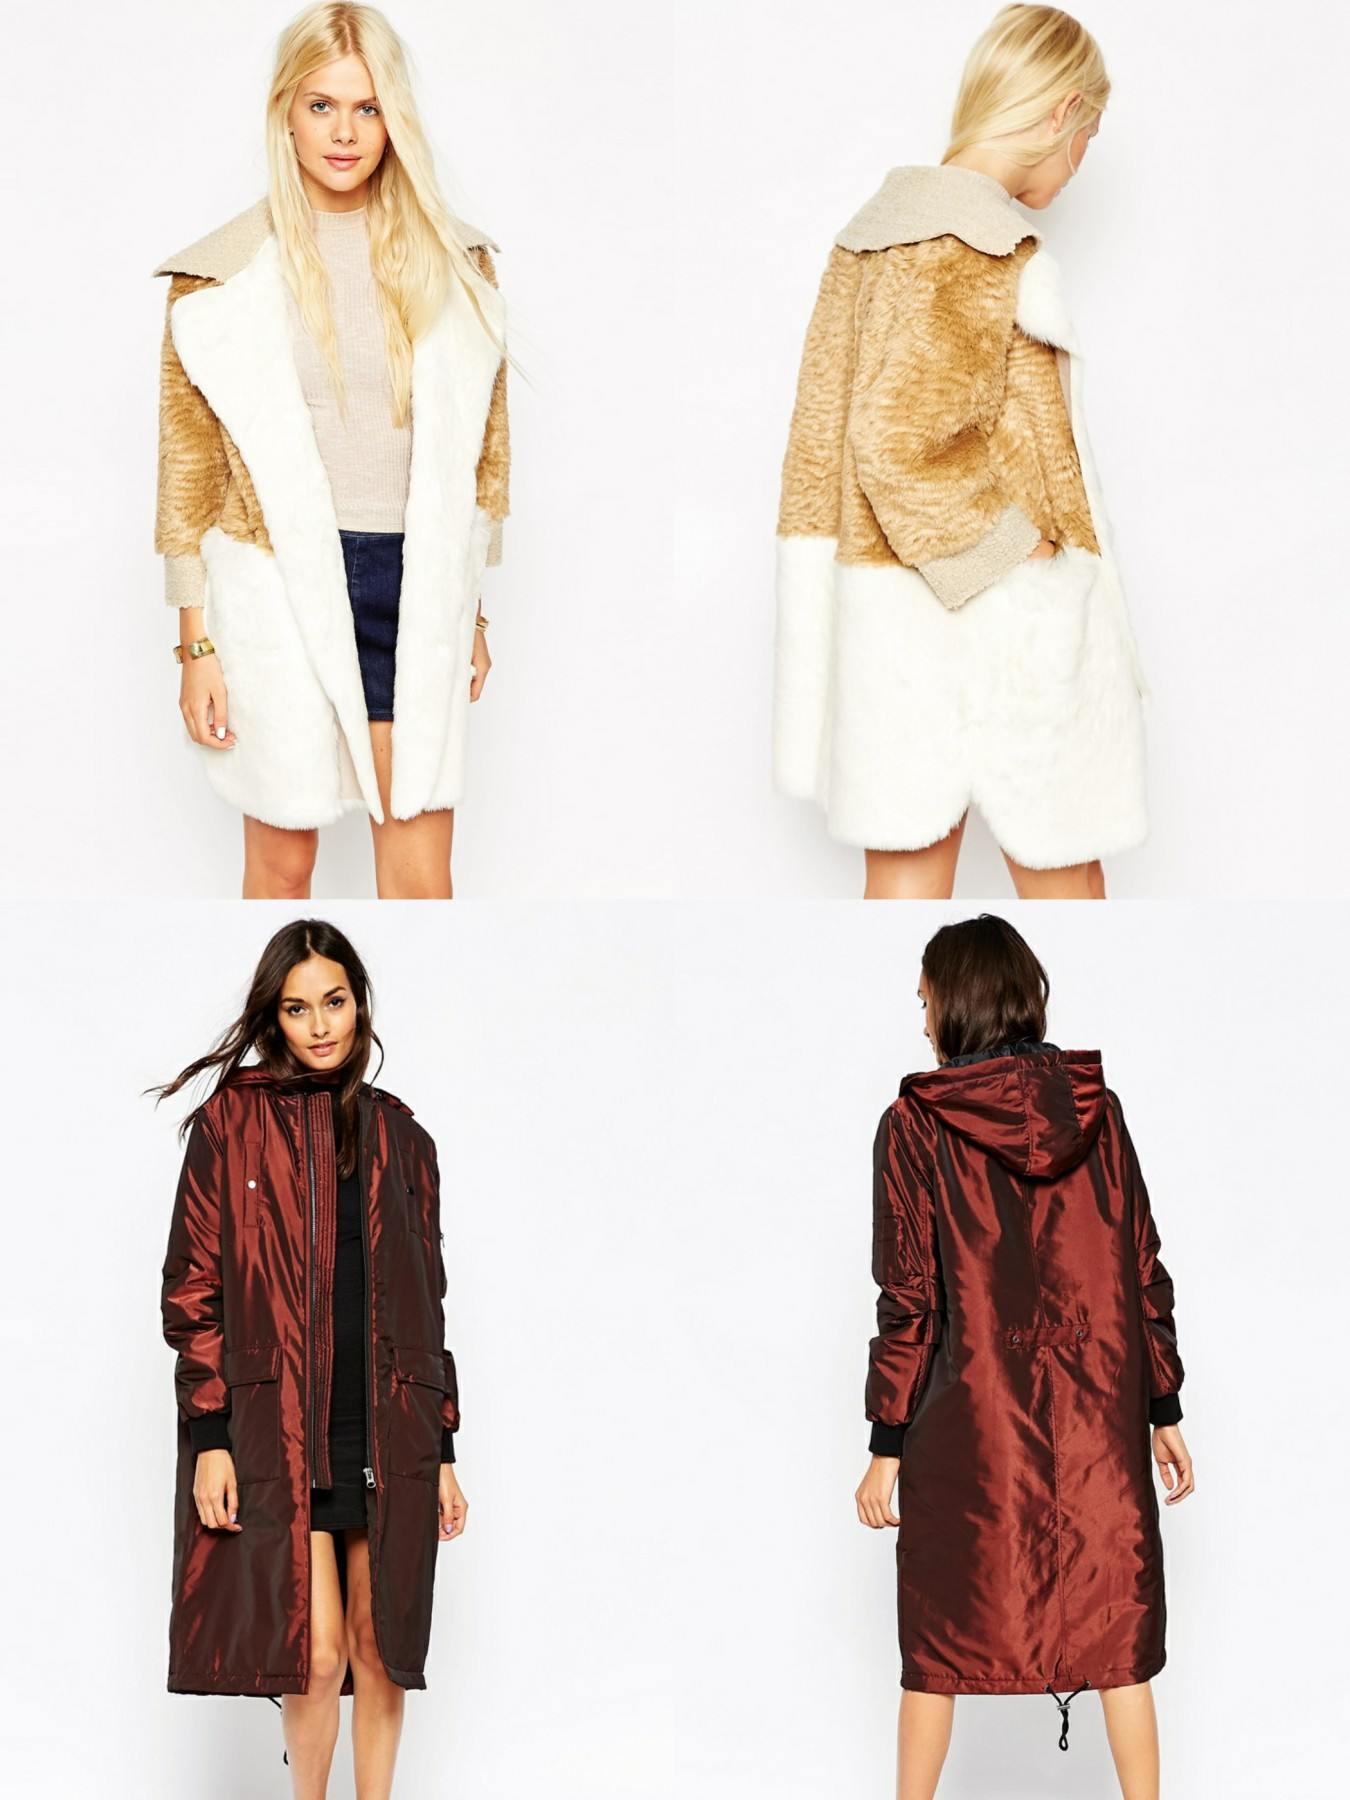 Mode Winterjassen 2016 : Winterjassen trend mijn idee van mode